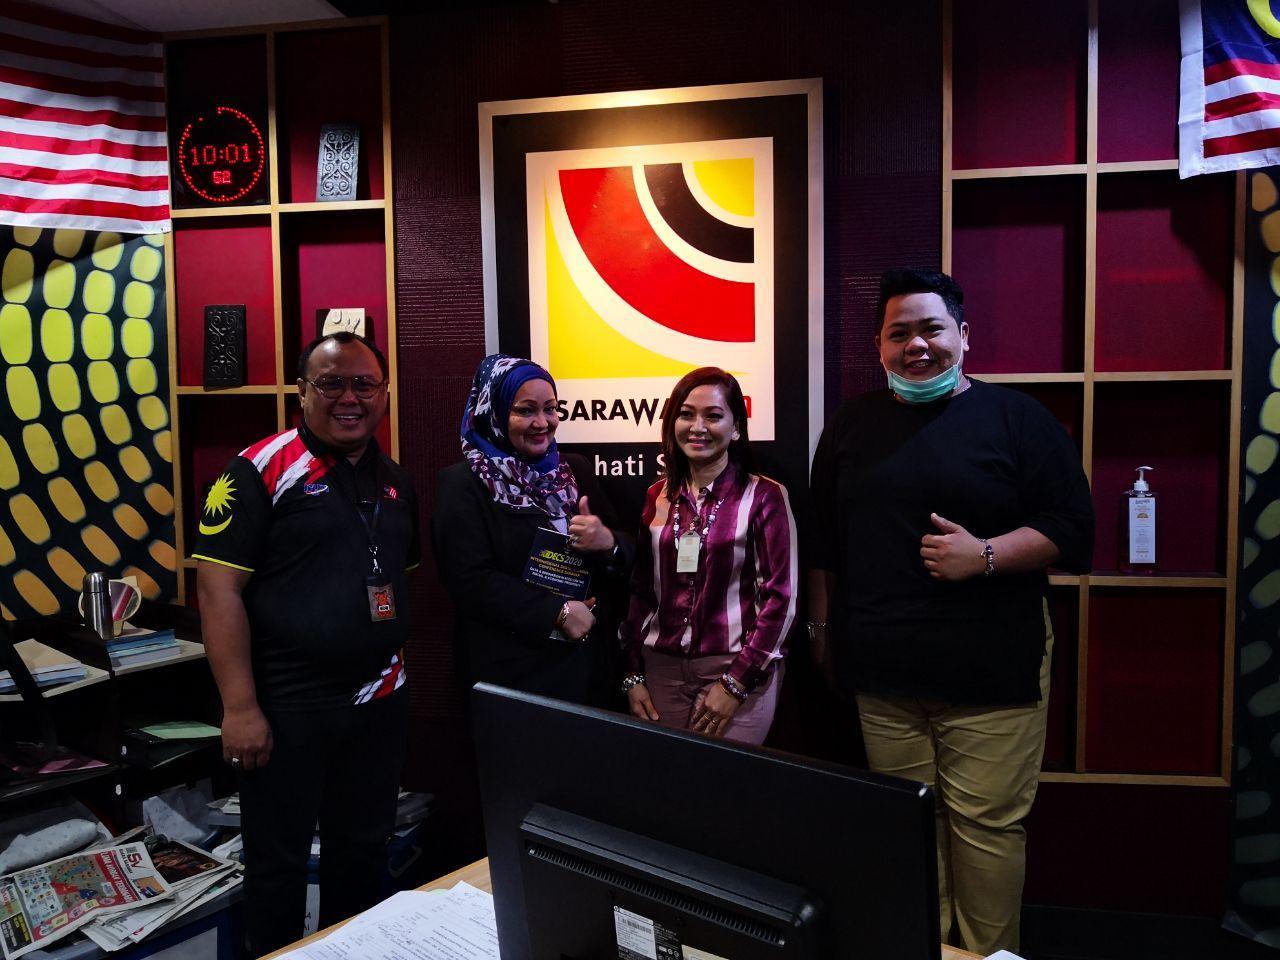 MANFAATKAN DIGITAL: (Dari kiri) Juruhebah Sarawak FM AZman Johari, Noriah, Caroline Peny dan Hassnal Hakim Junaidi.